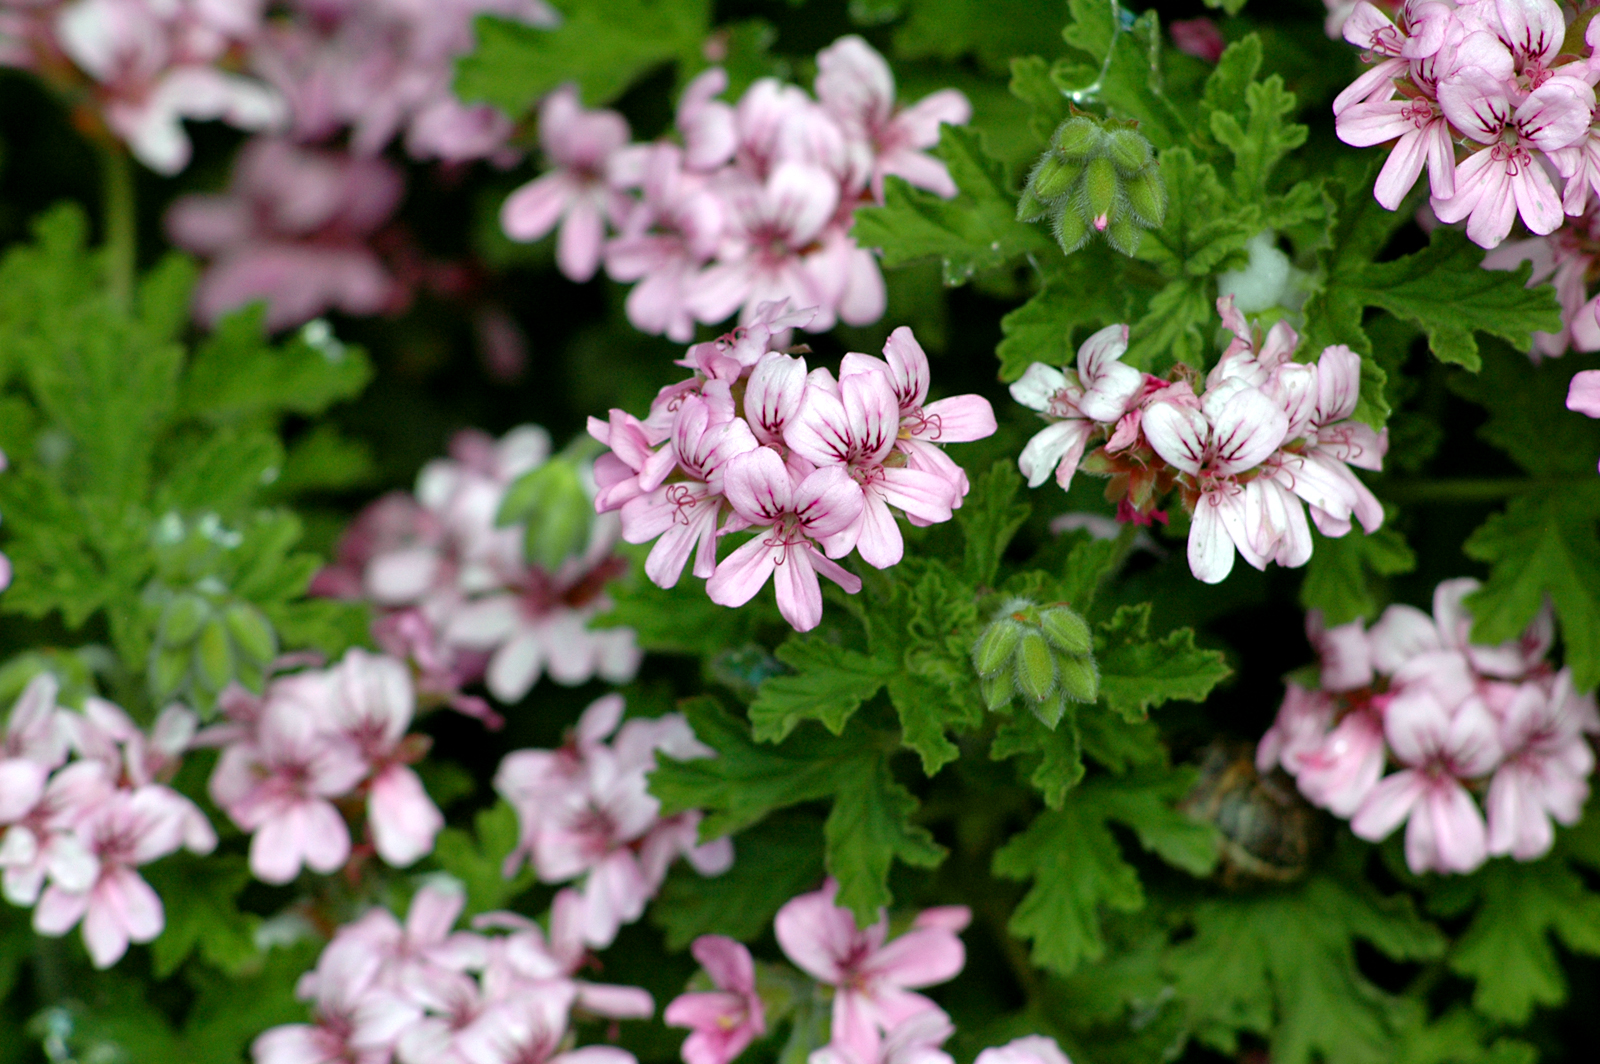 Geranium Pelargonium_graveolens_2